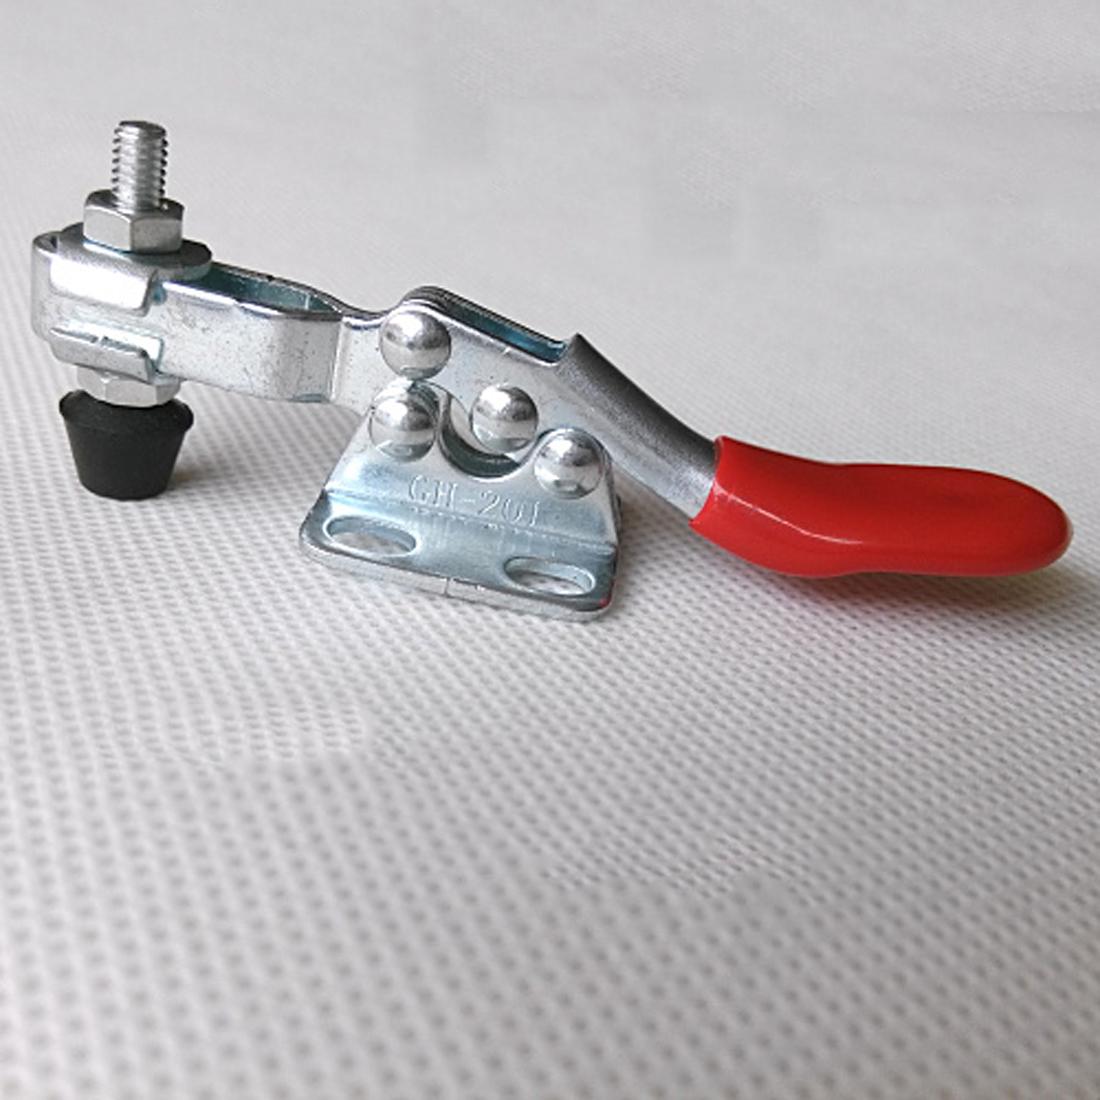 [해외]상단 고정 4Pcs / Set 금속 수평 퀵 릴리스 핸드 툴 토글 클램프 고정 공작물/Top 4Pcs/Set Metal Horizontal Quick Release Hand Tool Toggle Clamp For Fixing Workpiece